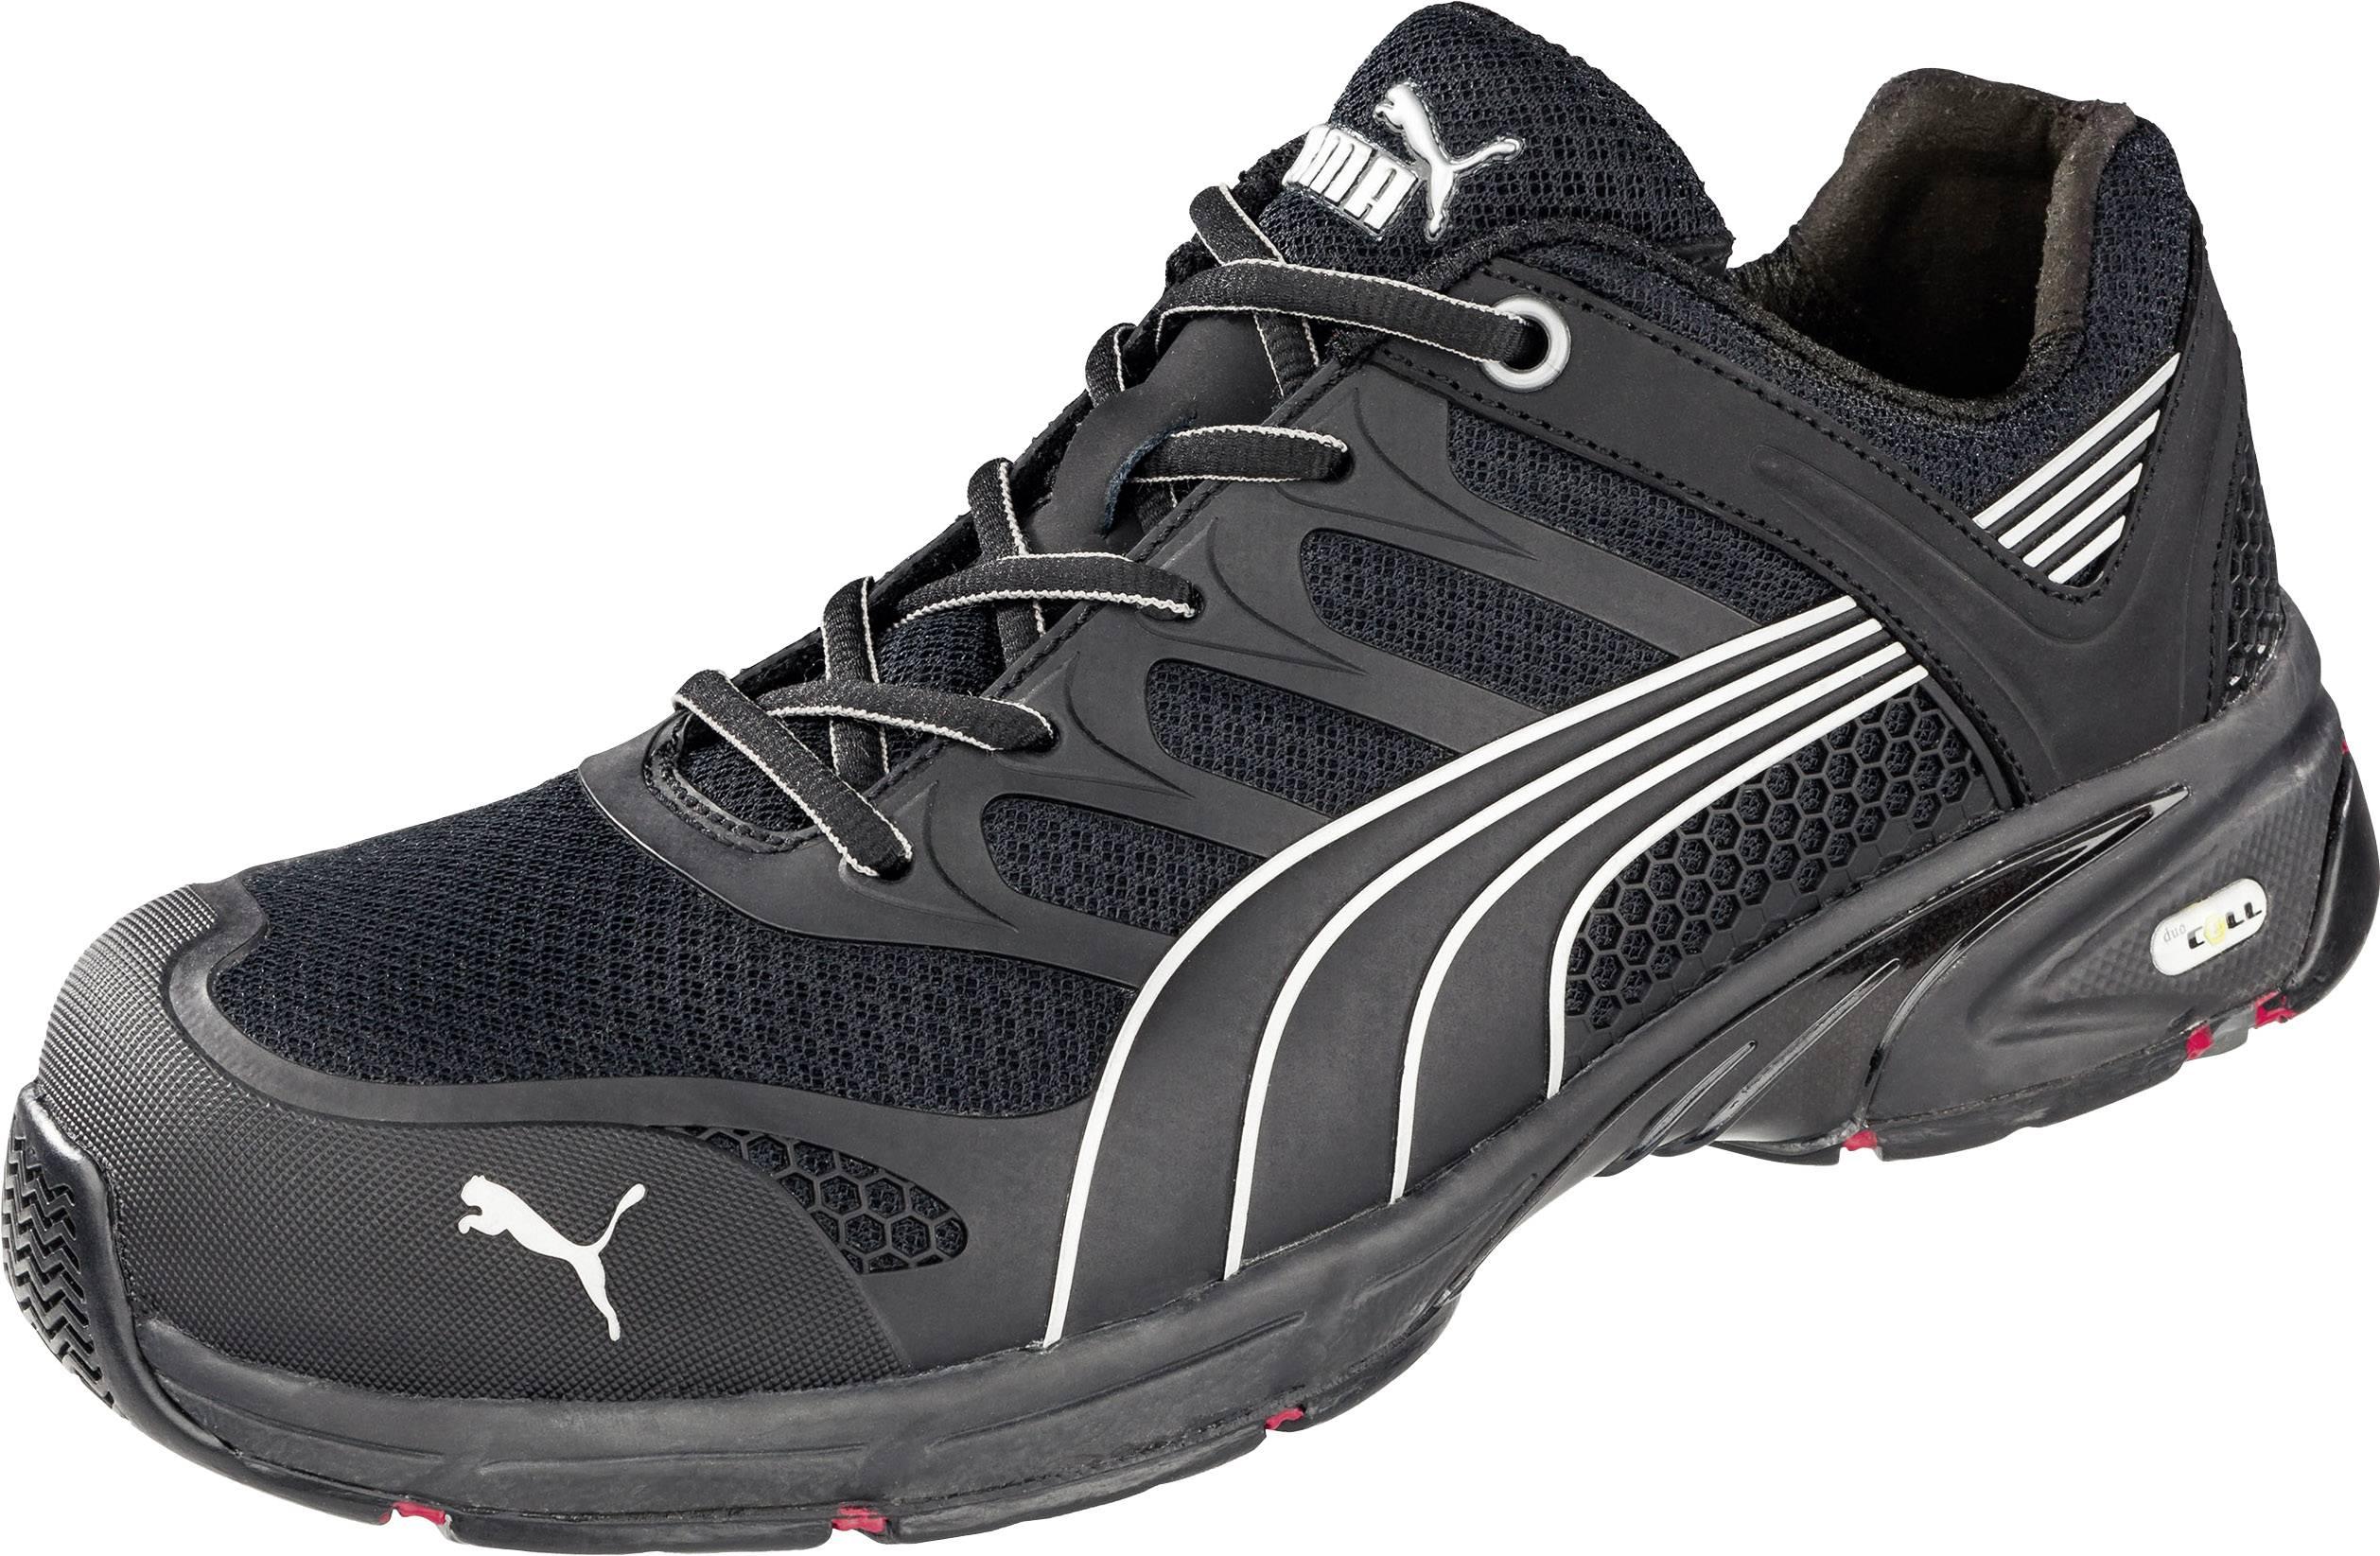 S1p Chaussures Puma 642580 Black Hro 1 Basses Sécurité Taille40 Safety Sra Motion Noir De Low Paire Coloris Fuse EH9DIW2